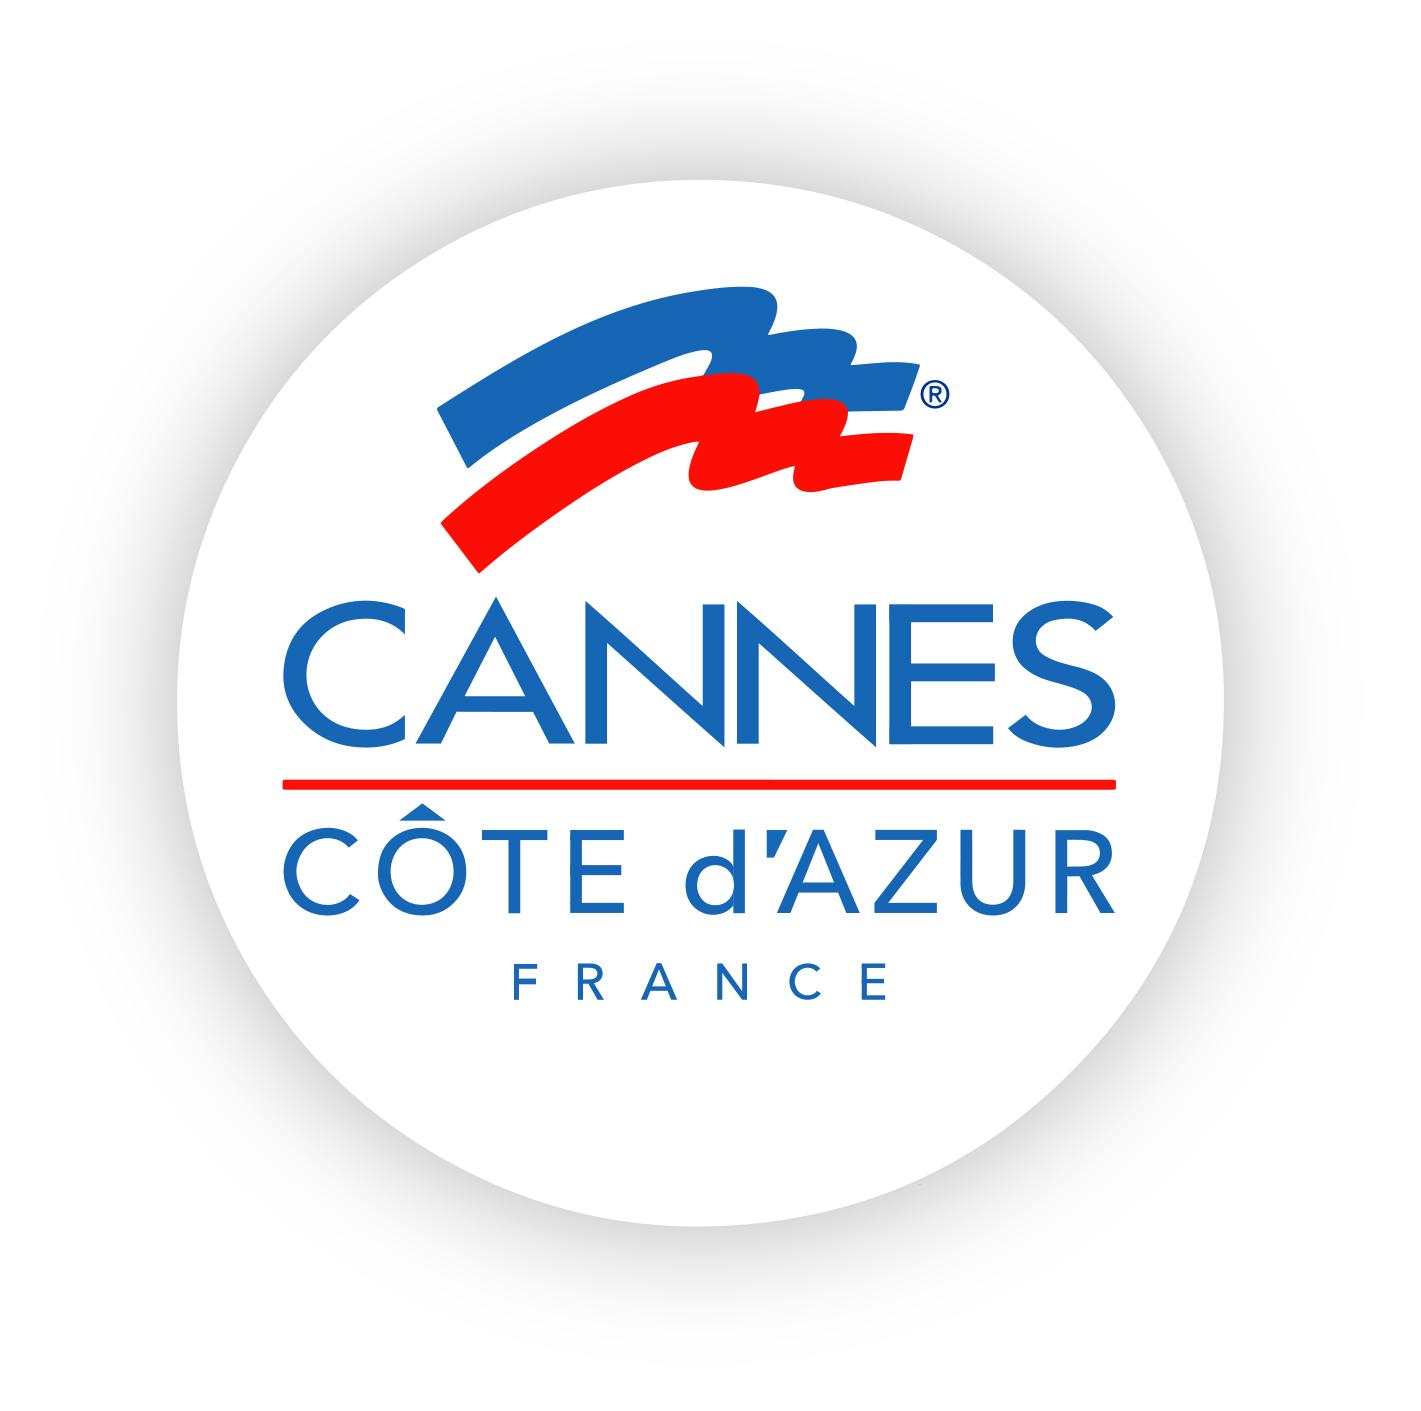 Logo Mairie de Cannes - Côte d'Azur France - HD.JPG